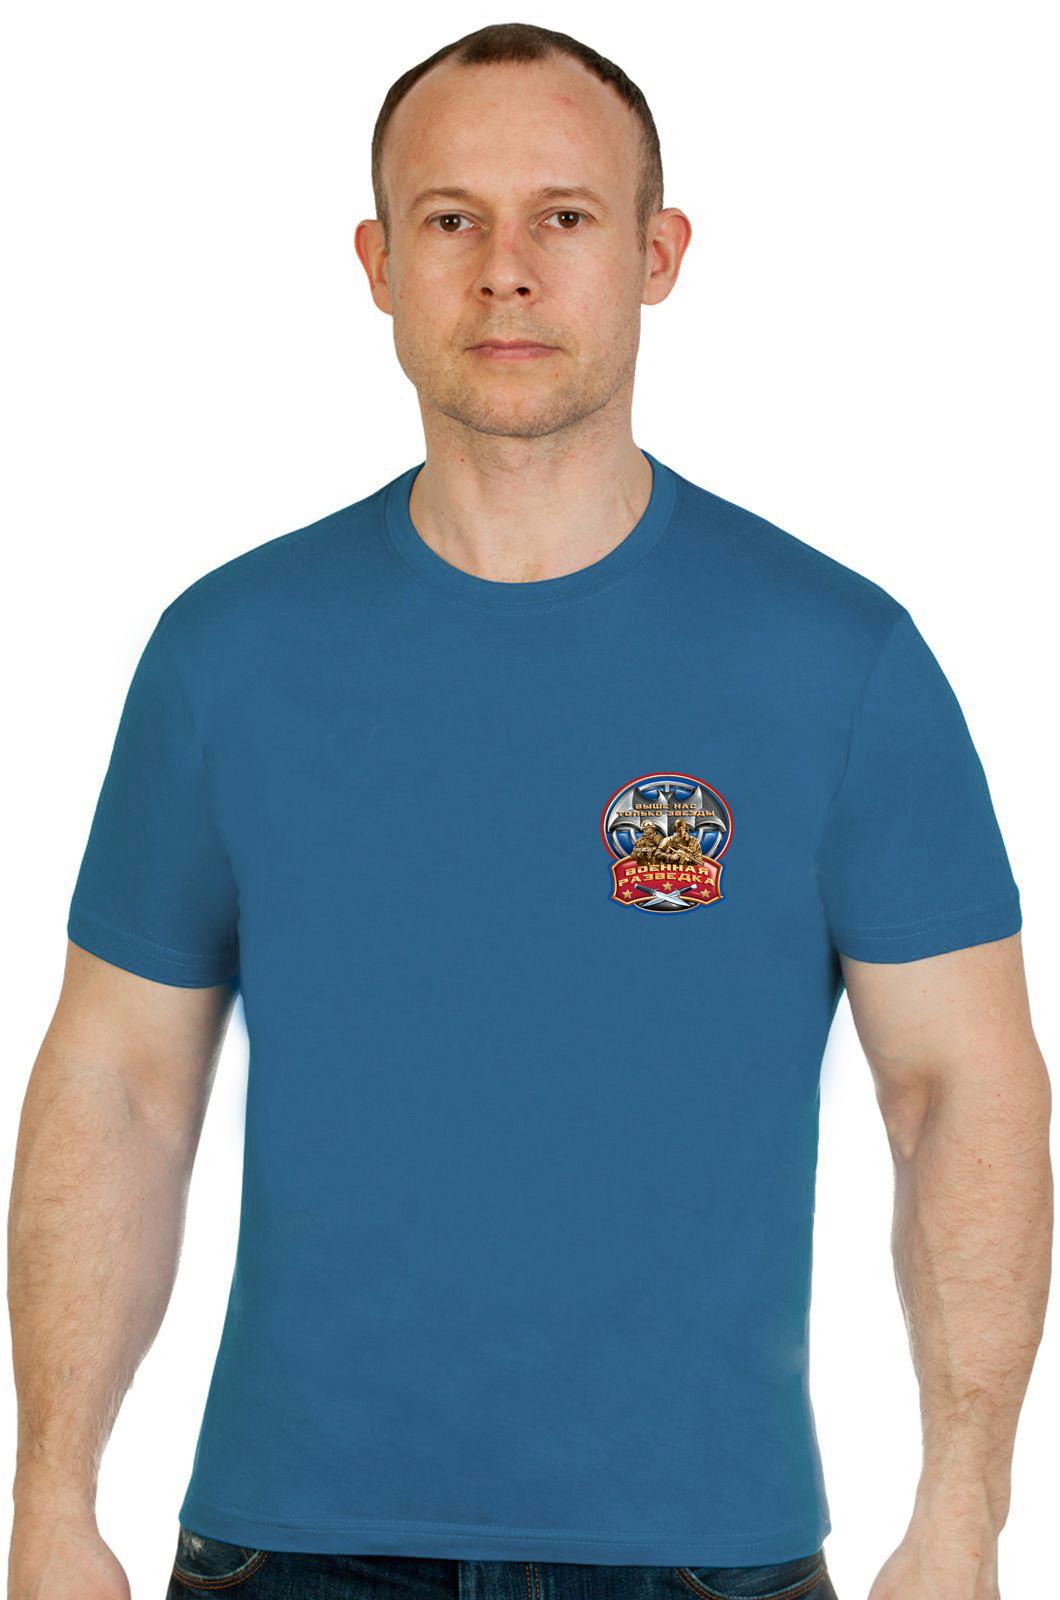 Купить футболку разведчика военного по выгодной цене